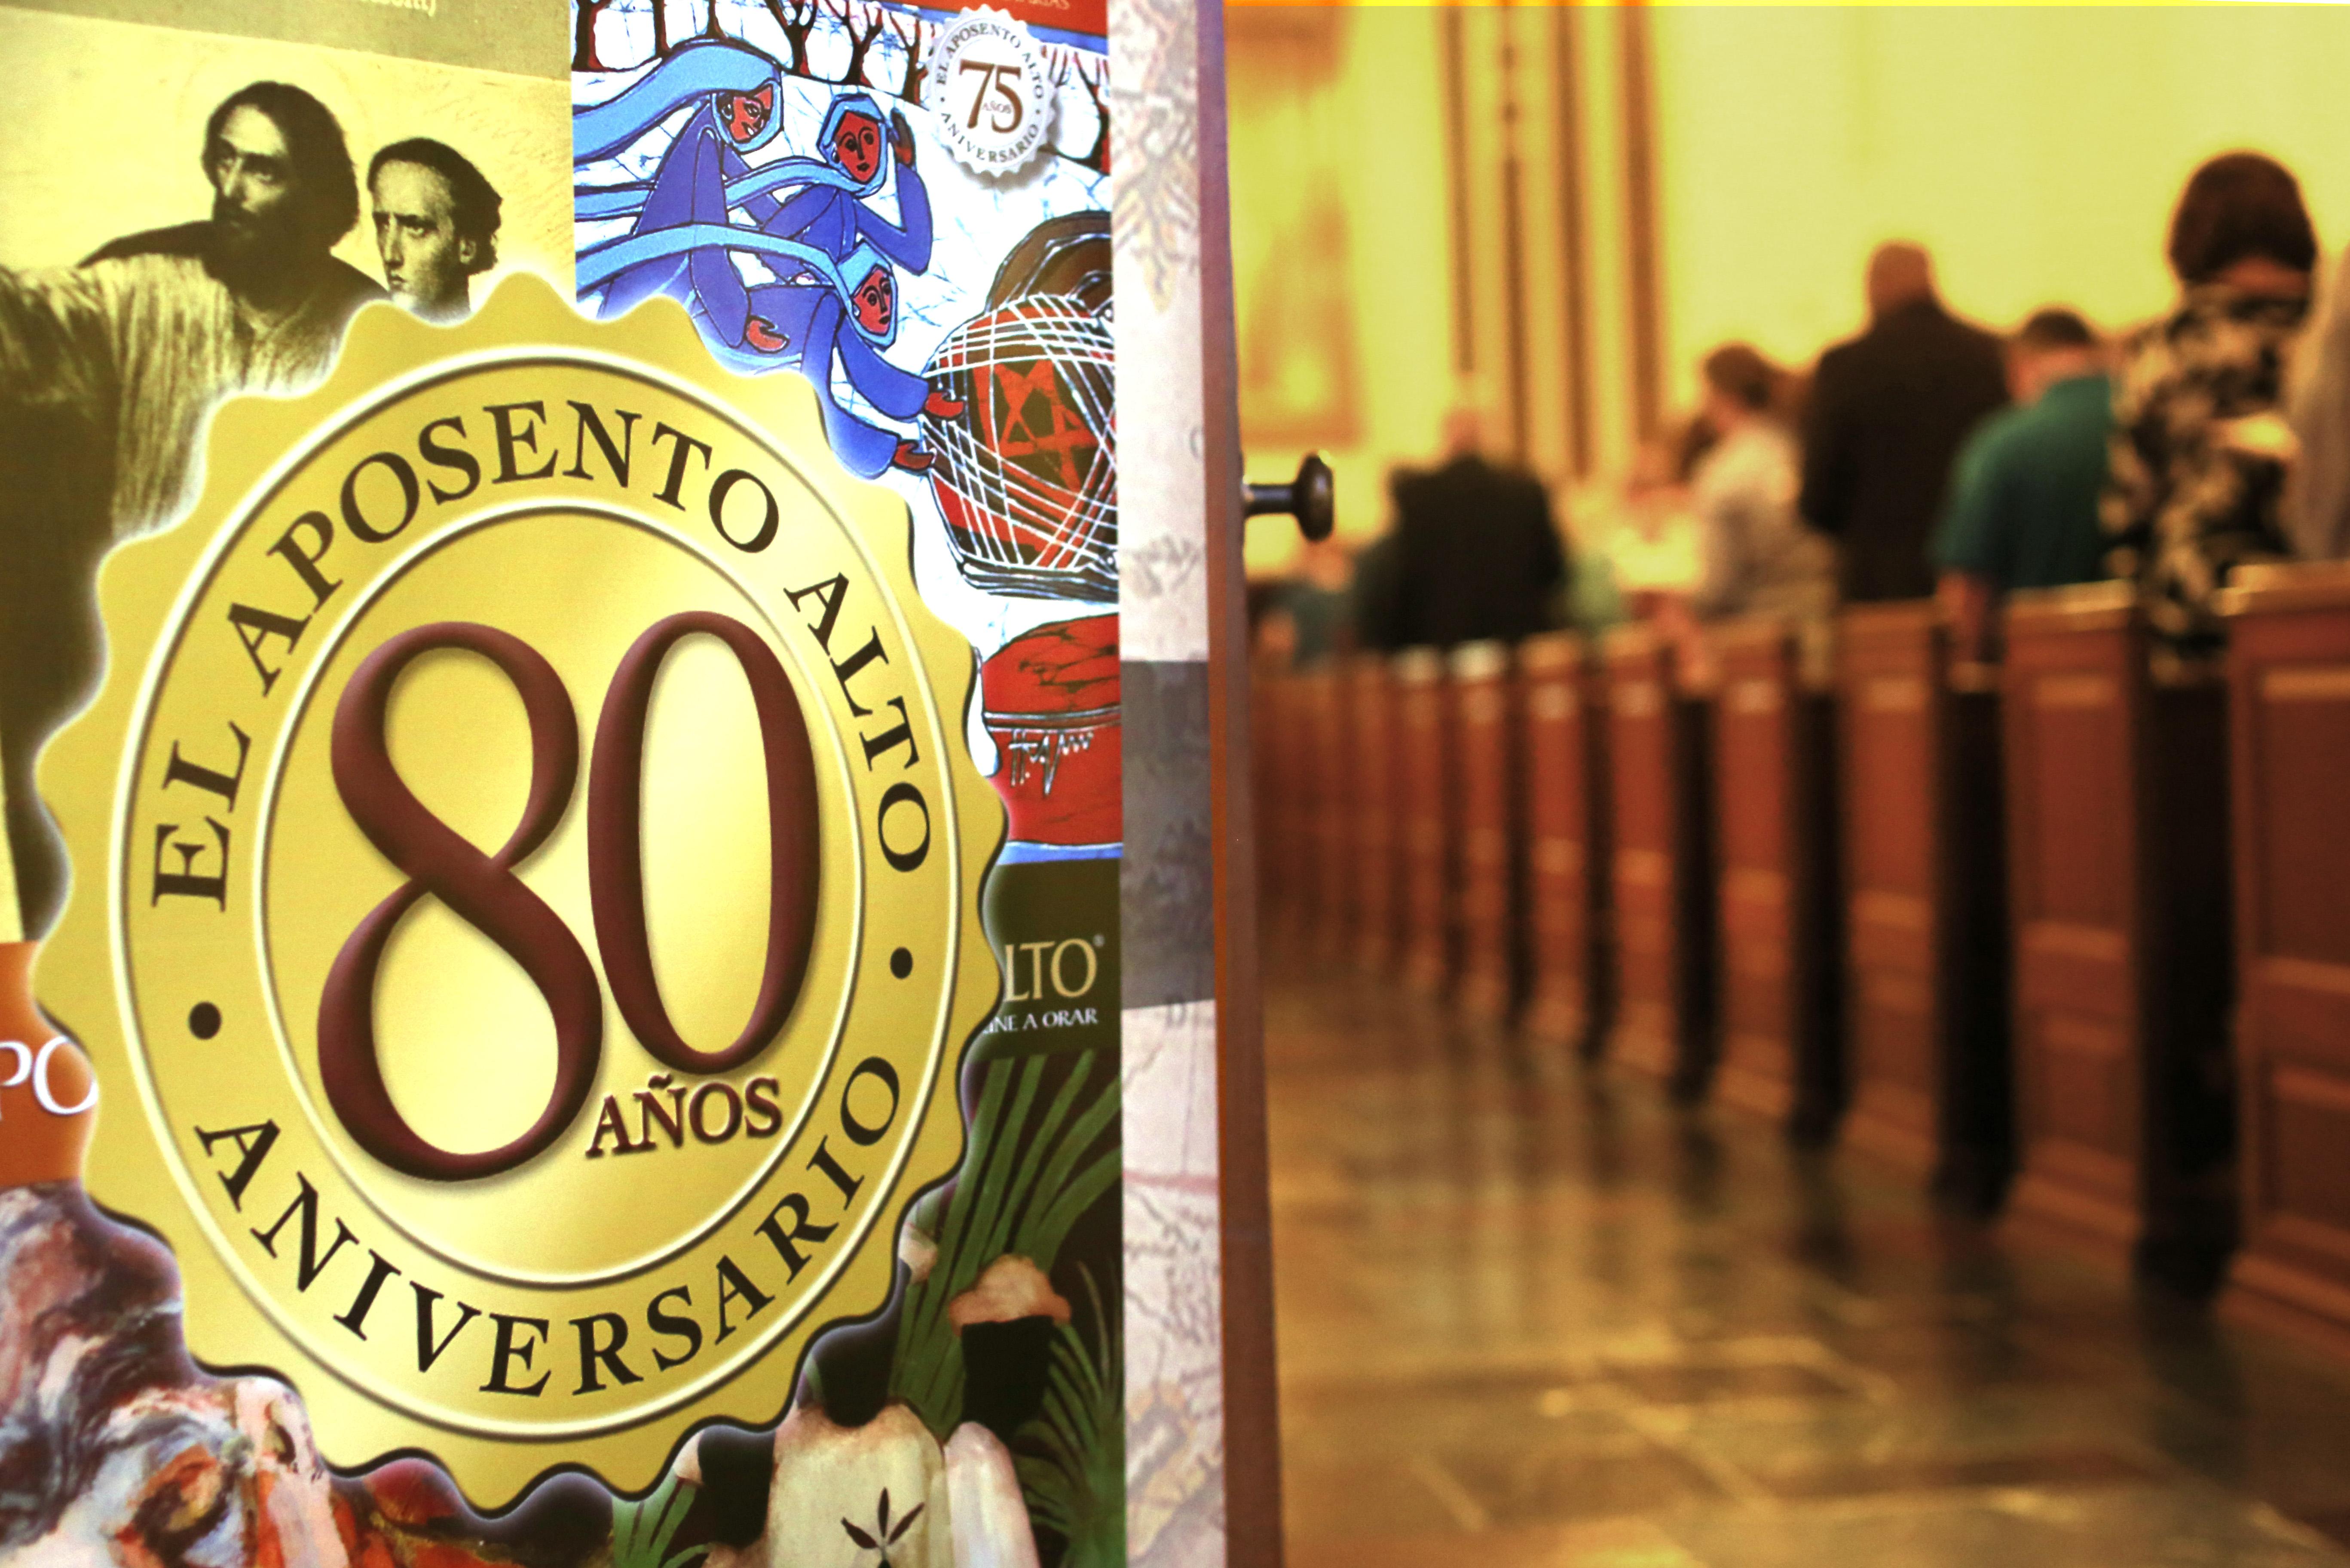 El Aposento Alto celebró en su sede de Nashville, estado de Tennessee, el octogésimo aniversario con un servicio de acción de gracias.